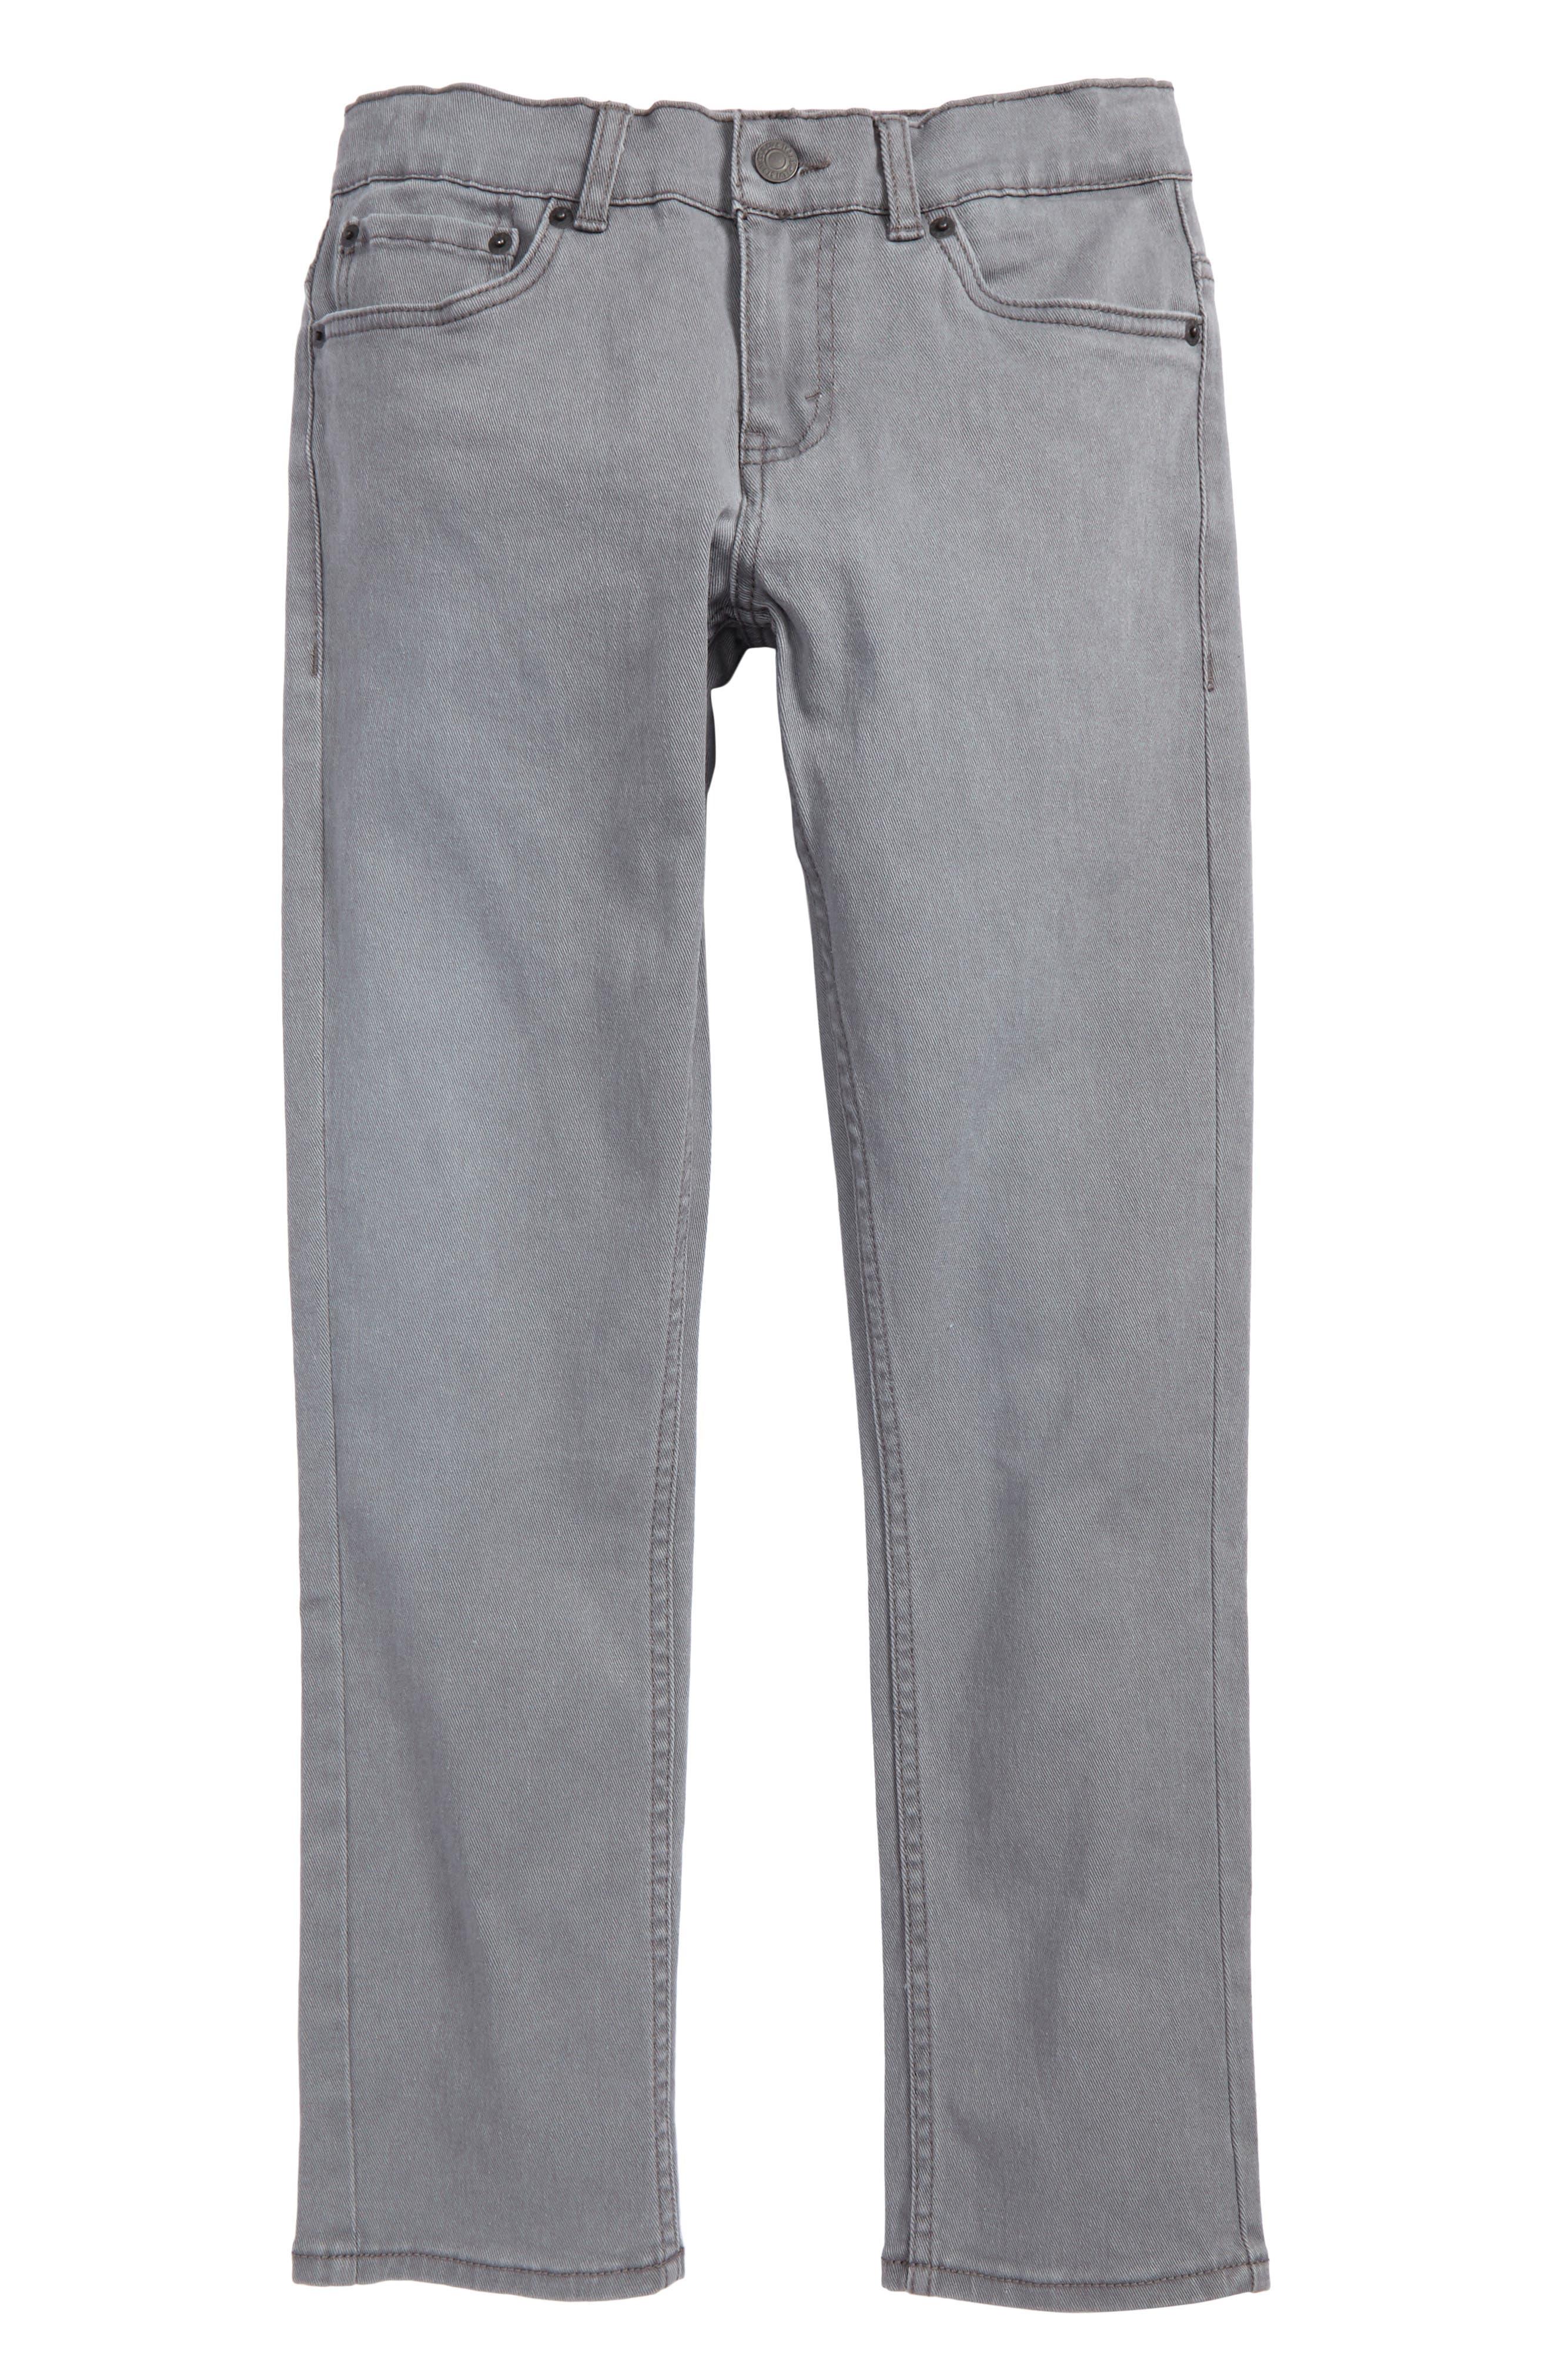 511 Slim Fit Jeans,                         Main,                         color, 020